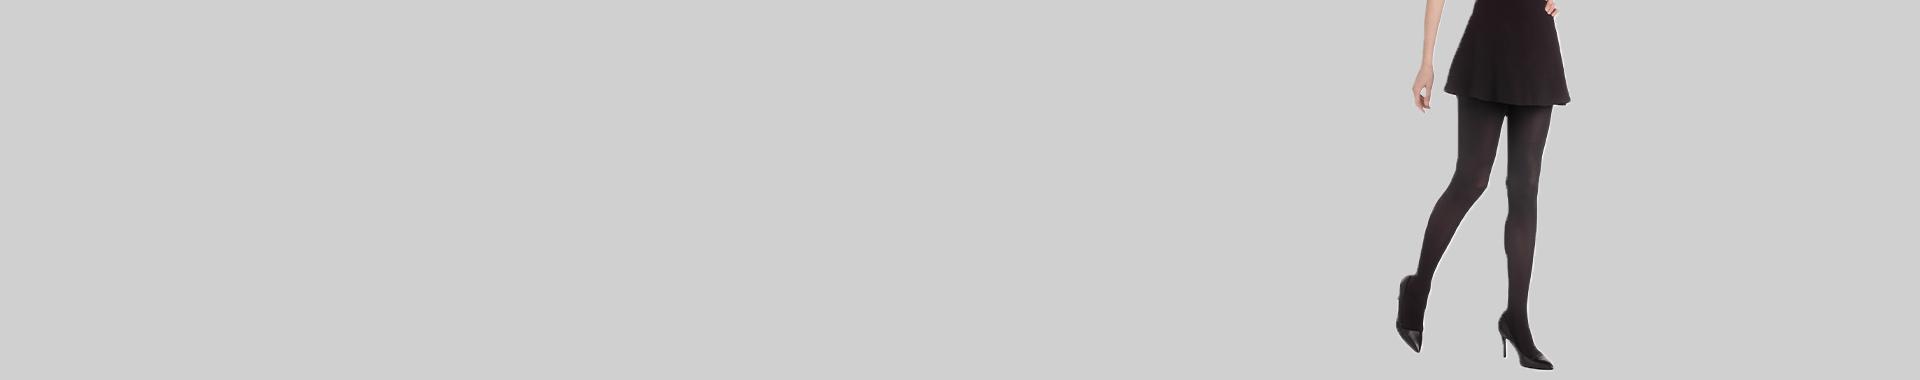 Pantys Opacos - Descubre nuestra gama de pantys opacos básicos o de colores